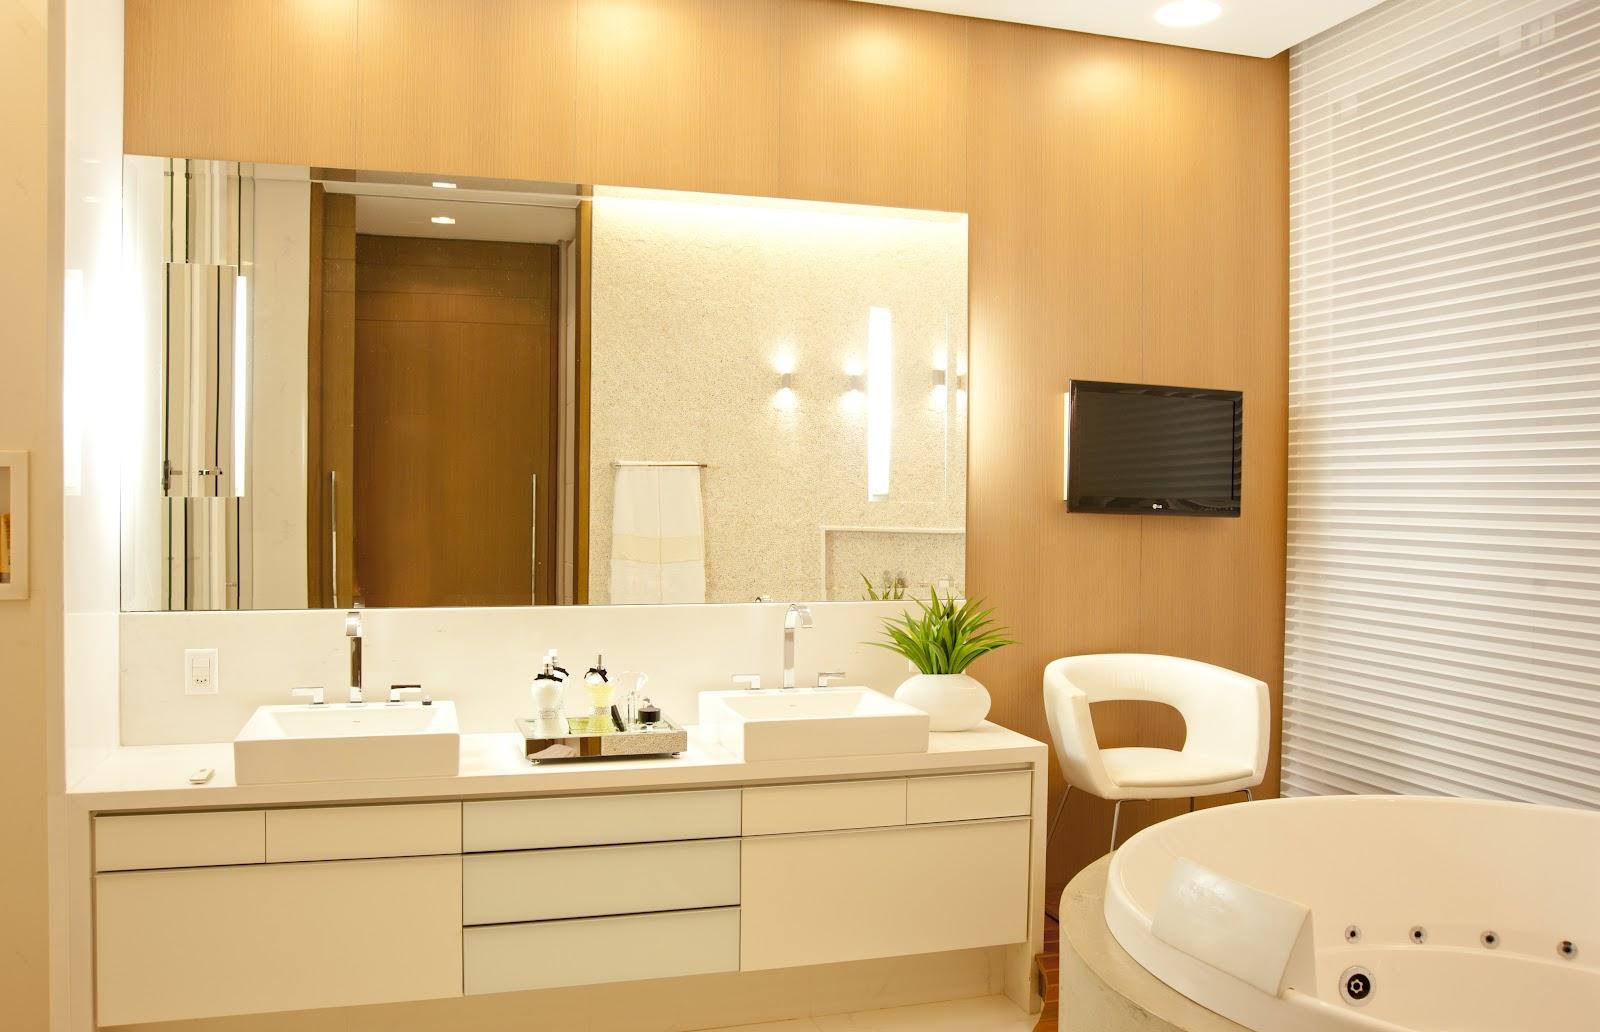 Uma casa perfeita Blog Home Idea #516005 1600x1032 Banheiro De Casal Com Banheira